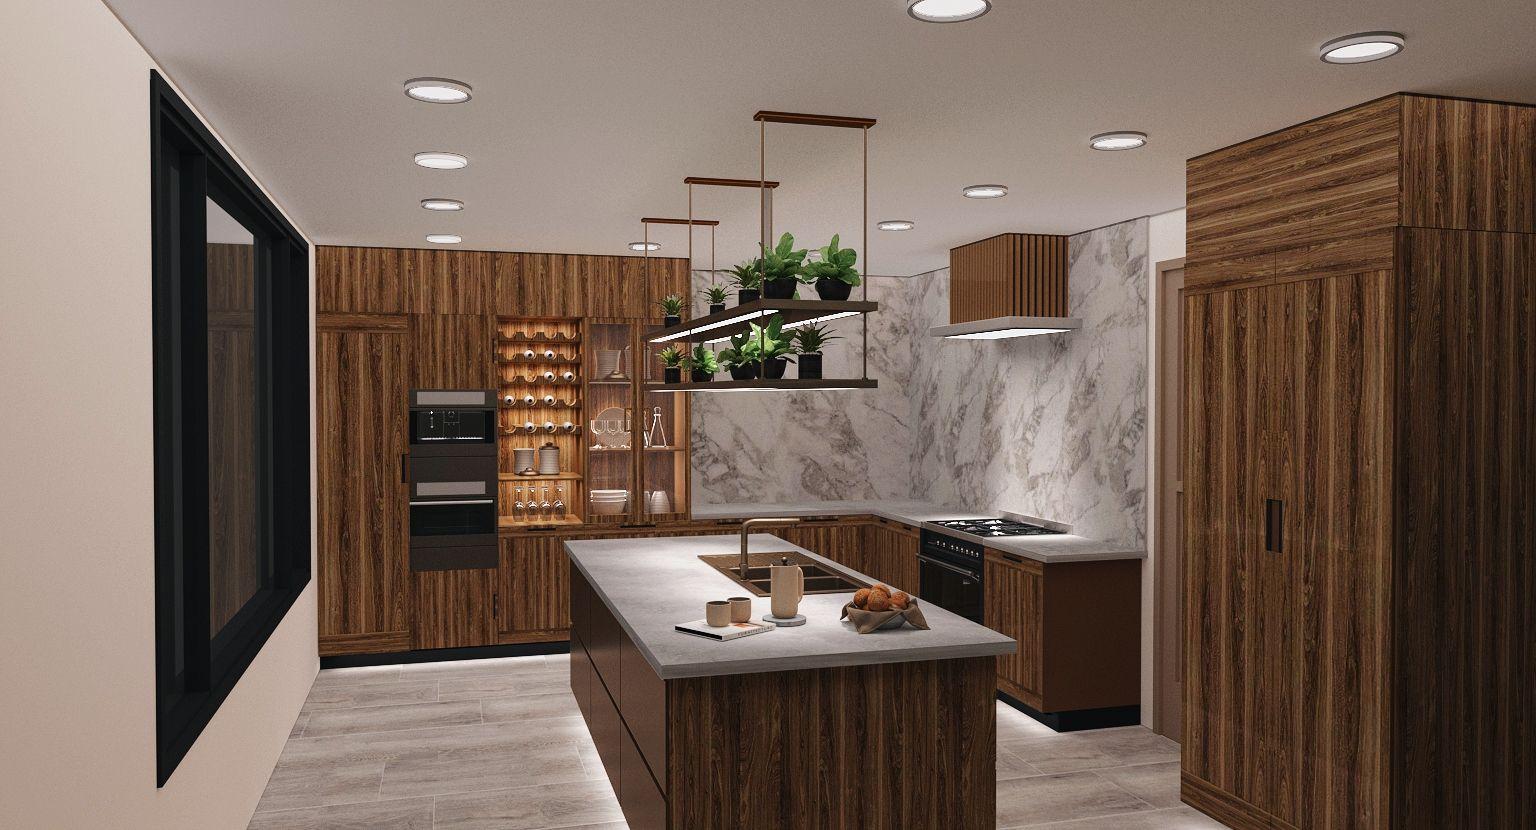 2nd Floor Kitchen Rendering